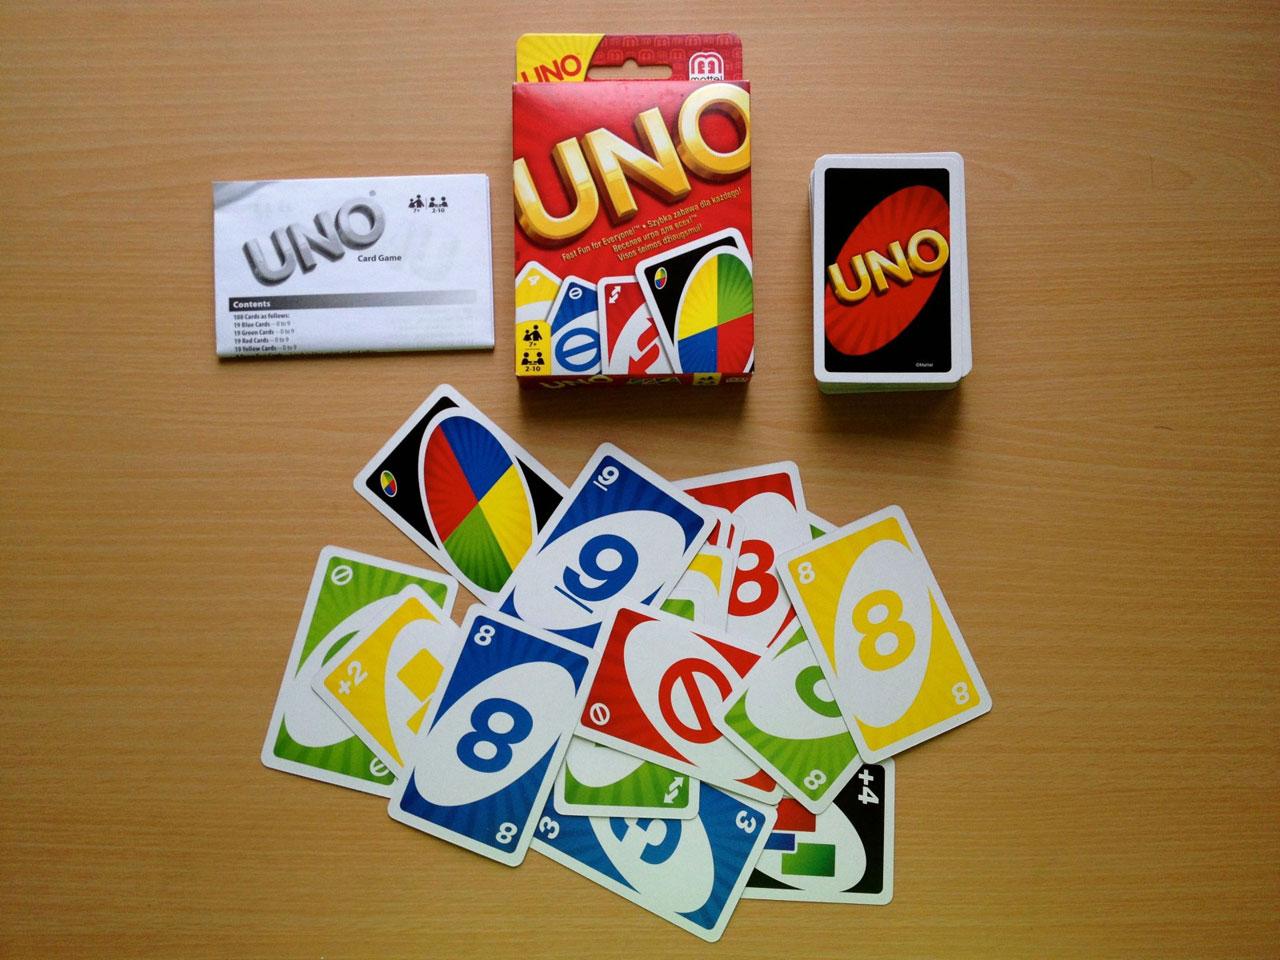 карты играть в игра uno